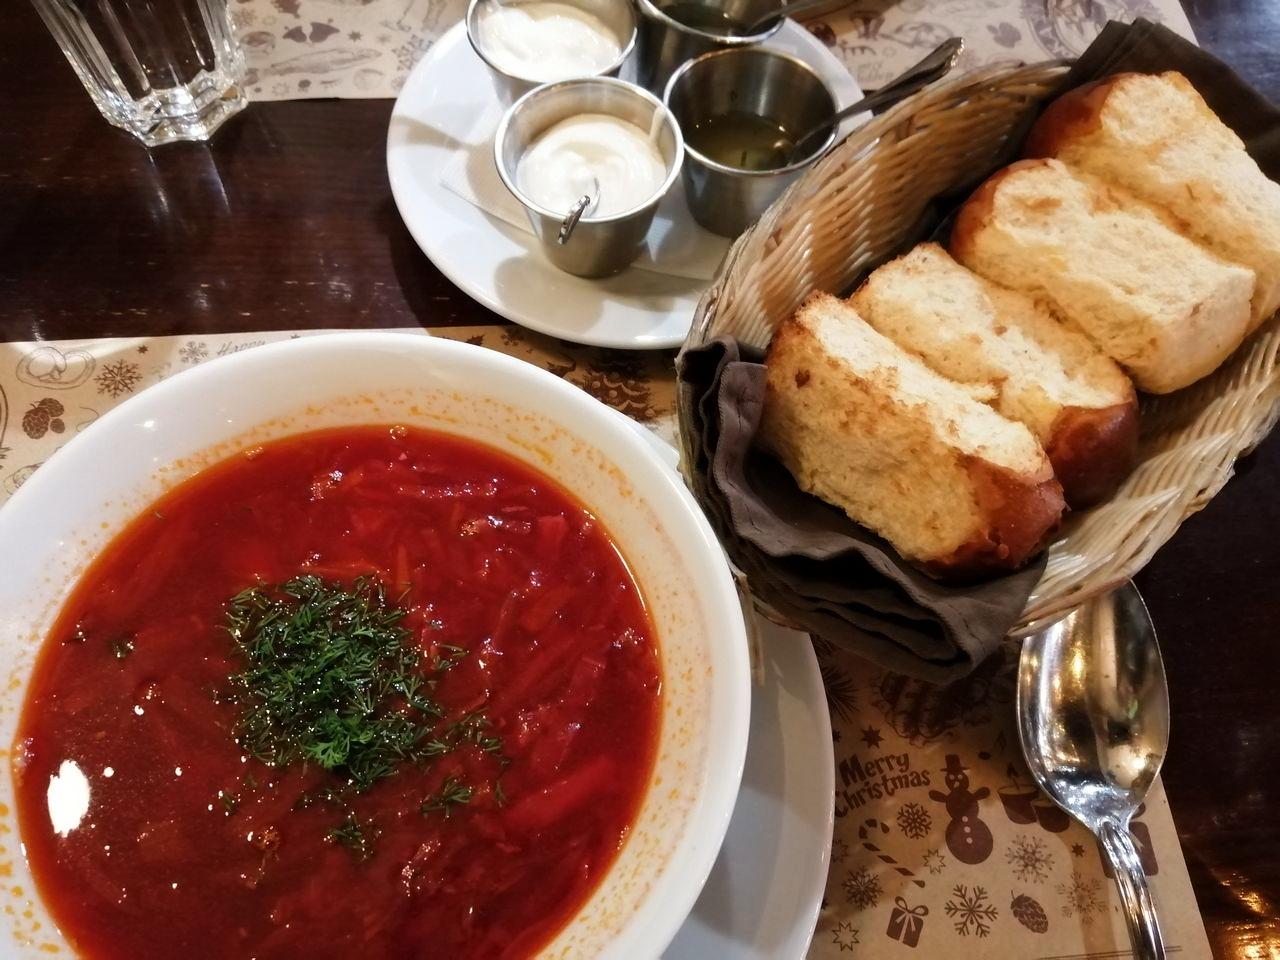 El plato más típico de la gastronomía en Kiev es el borsch, la sopa de remolacha.